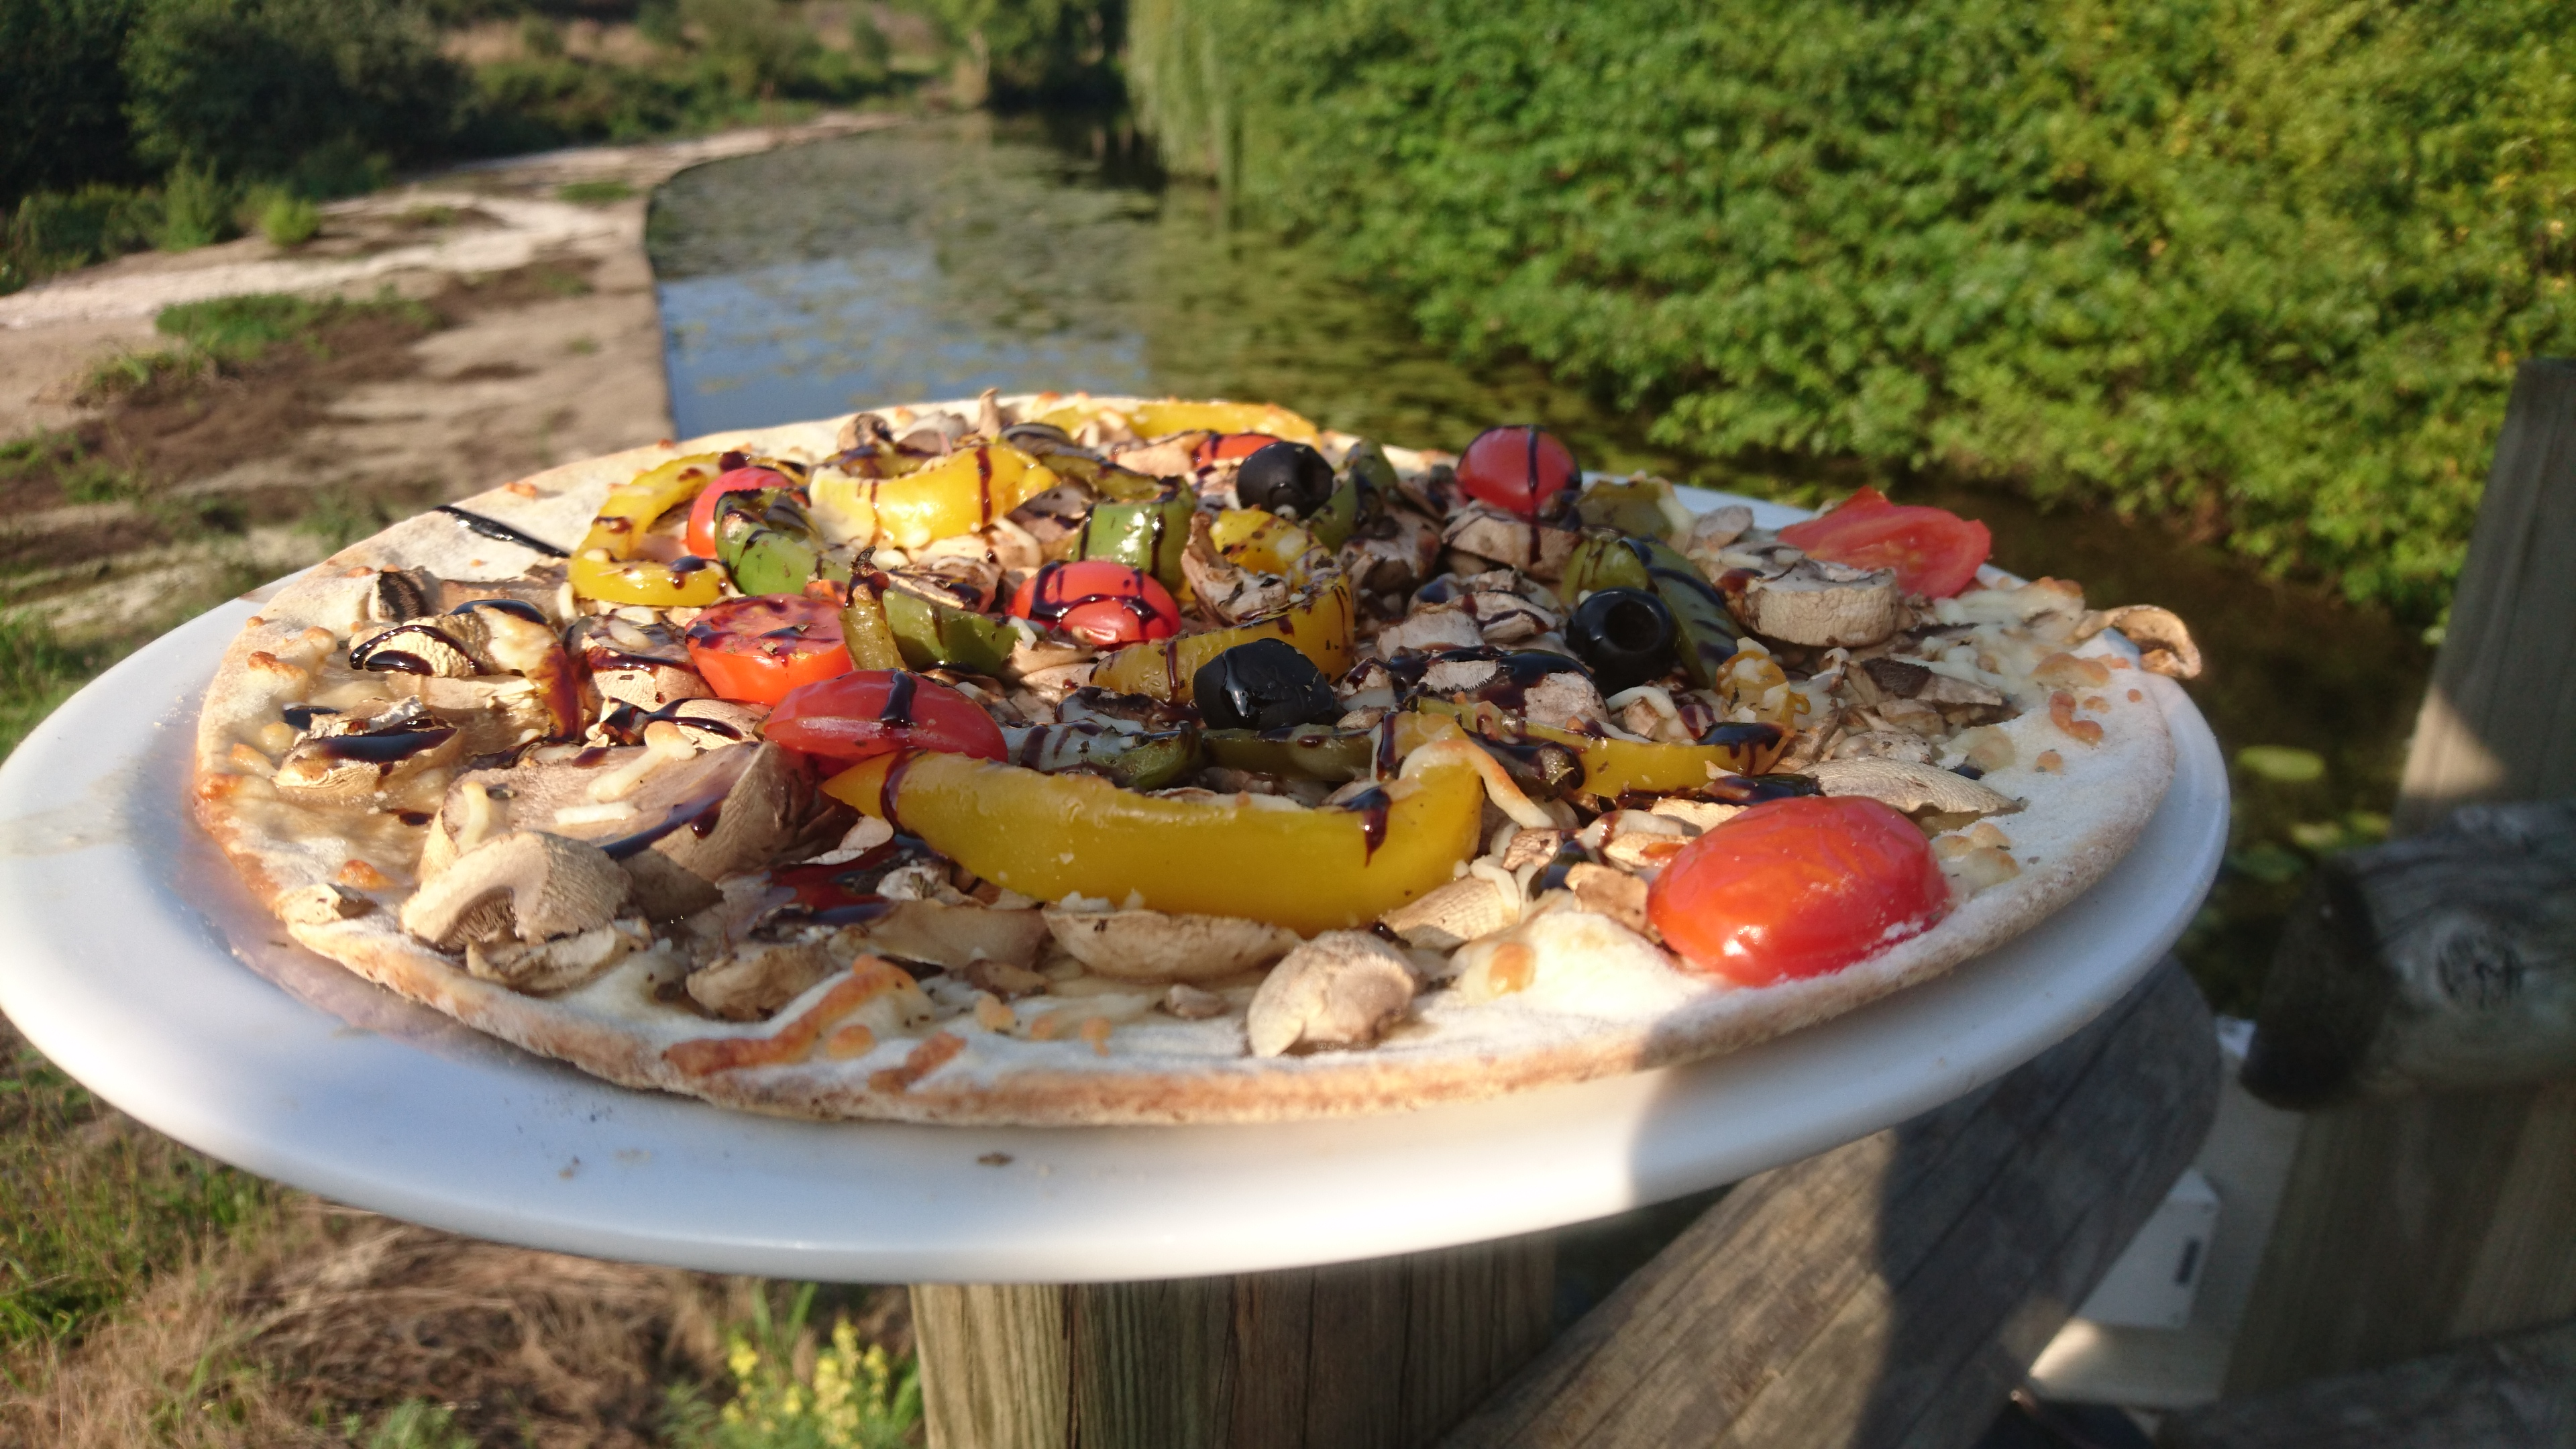 Pizza picasso #été2018